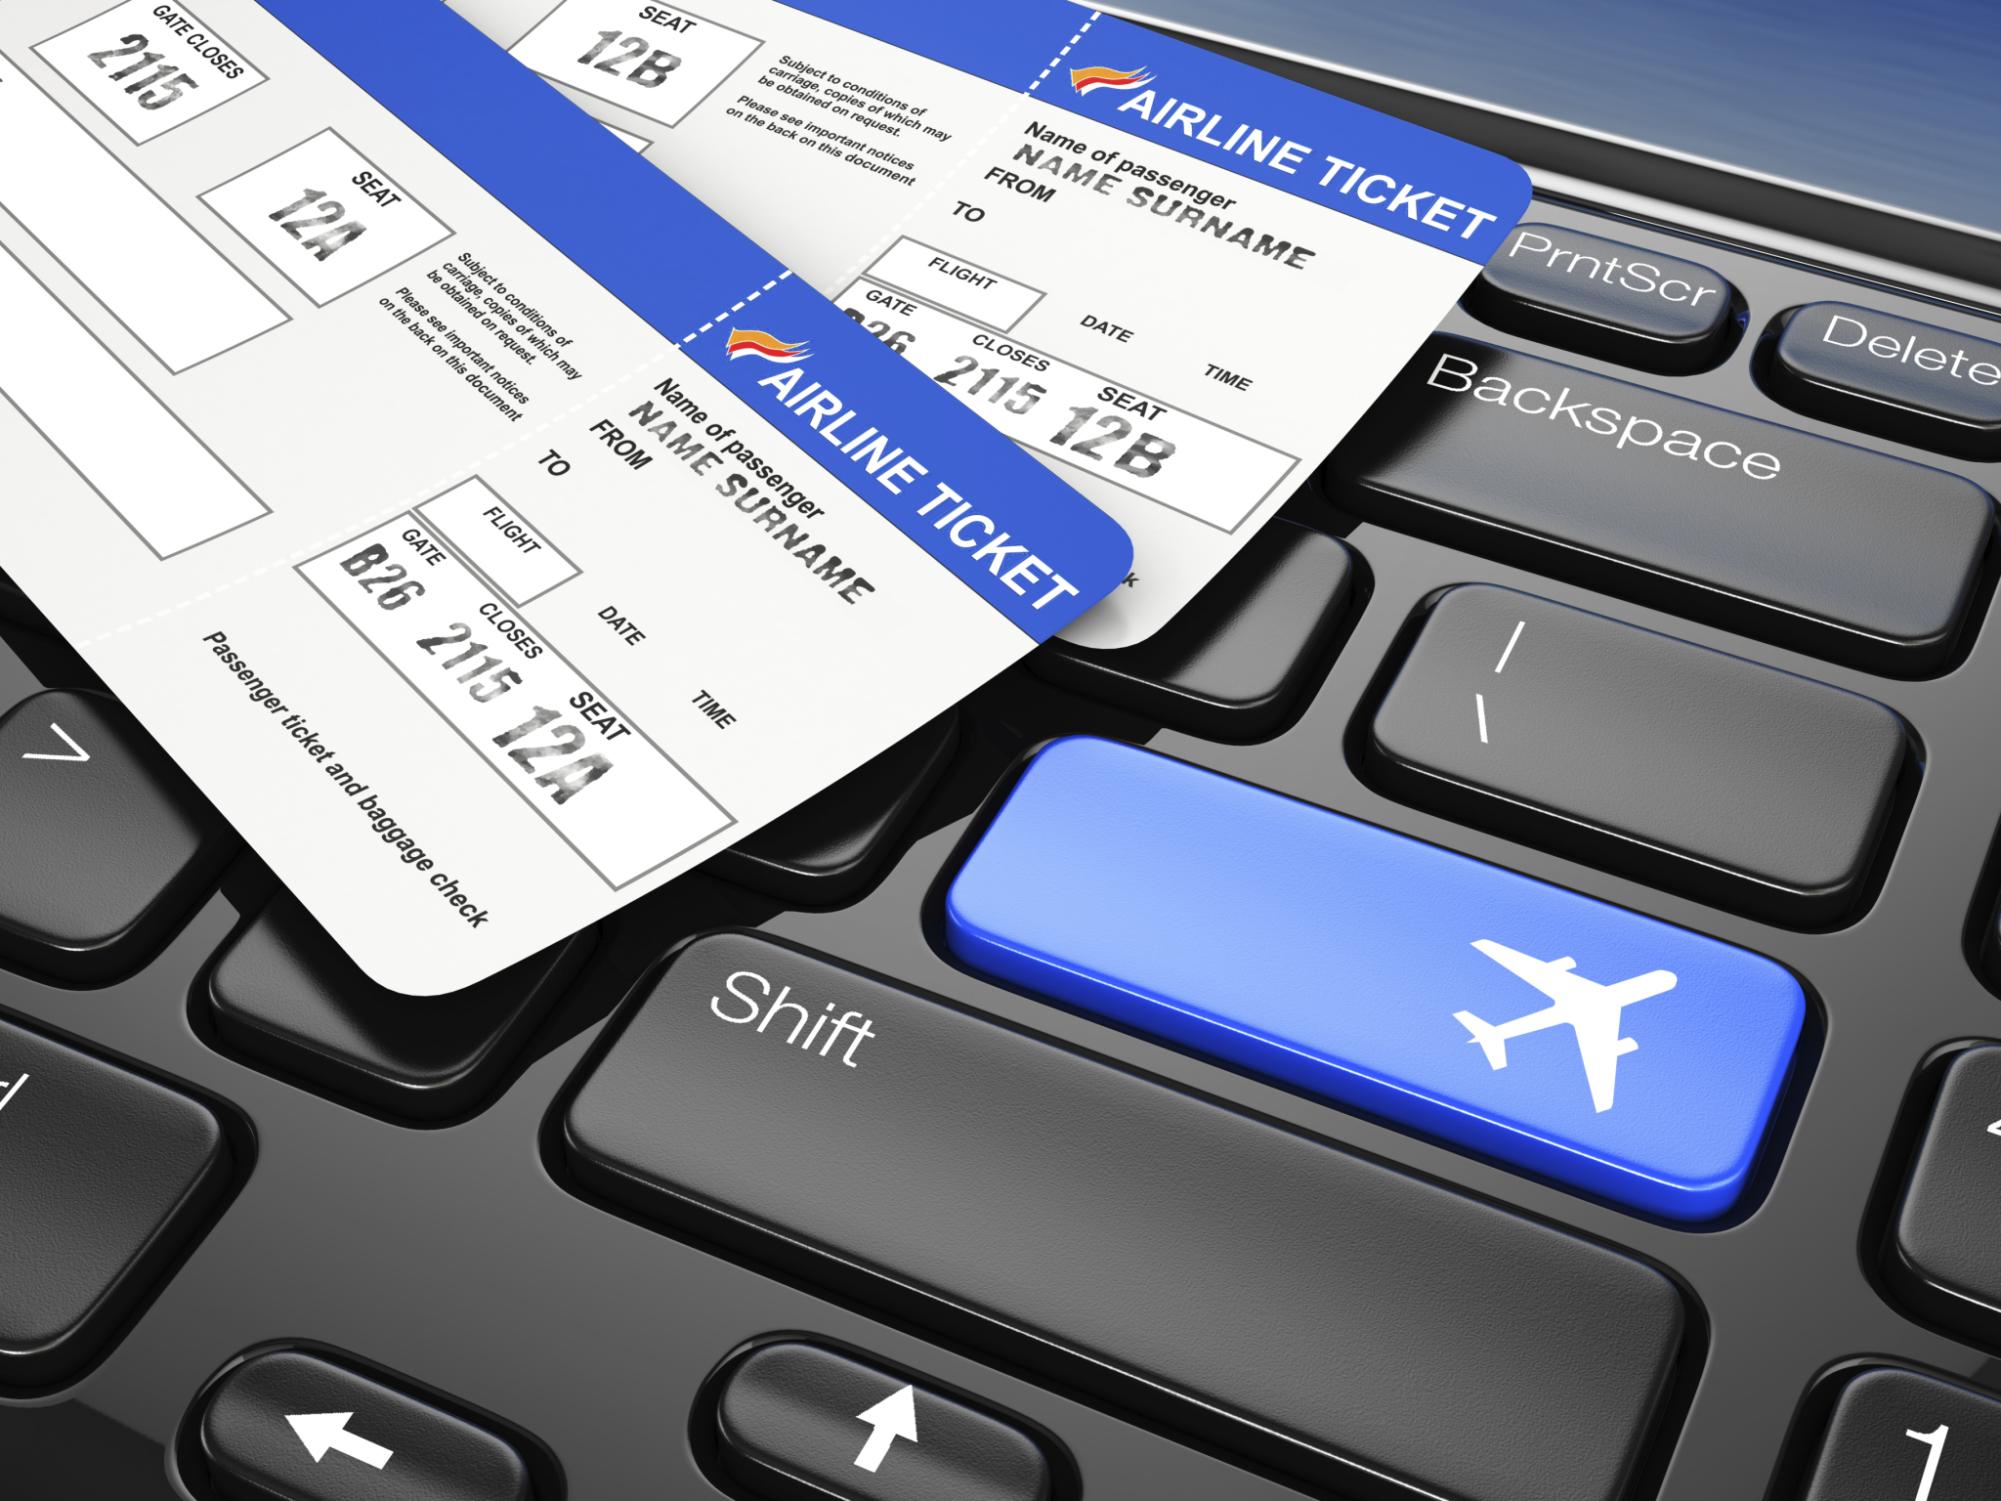 como comprar passagens aereas mais baratas